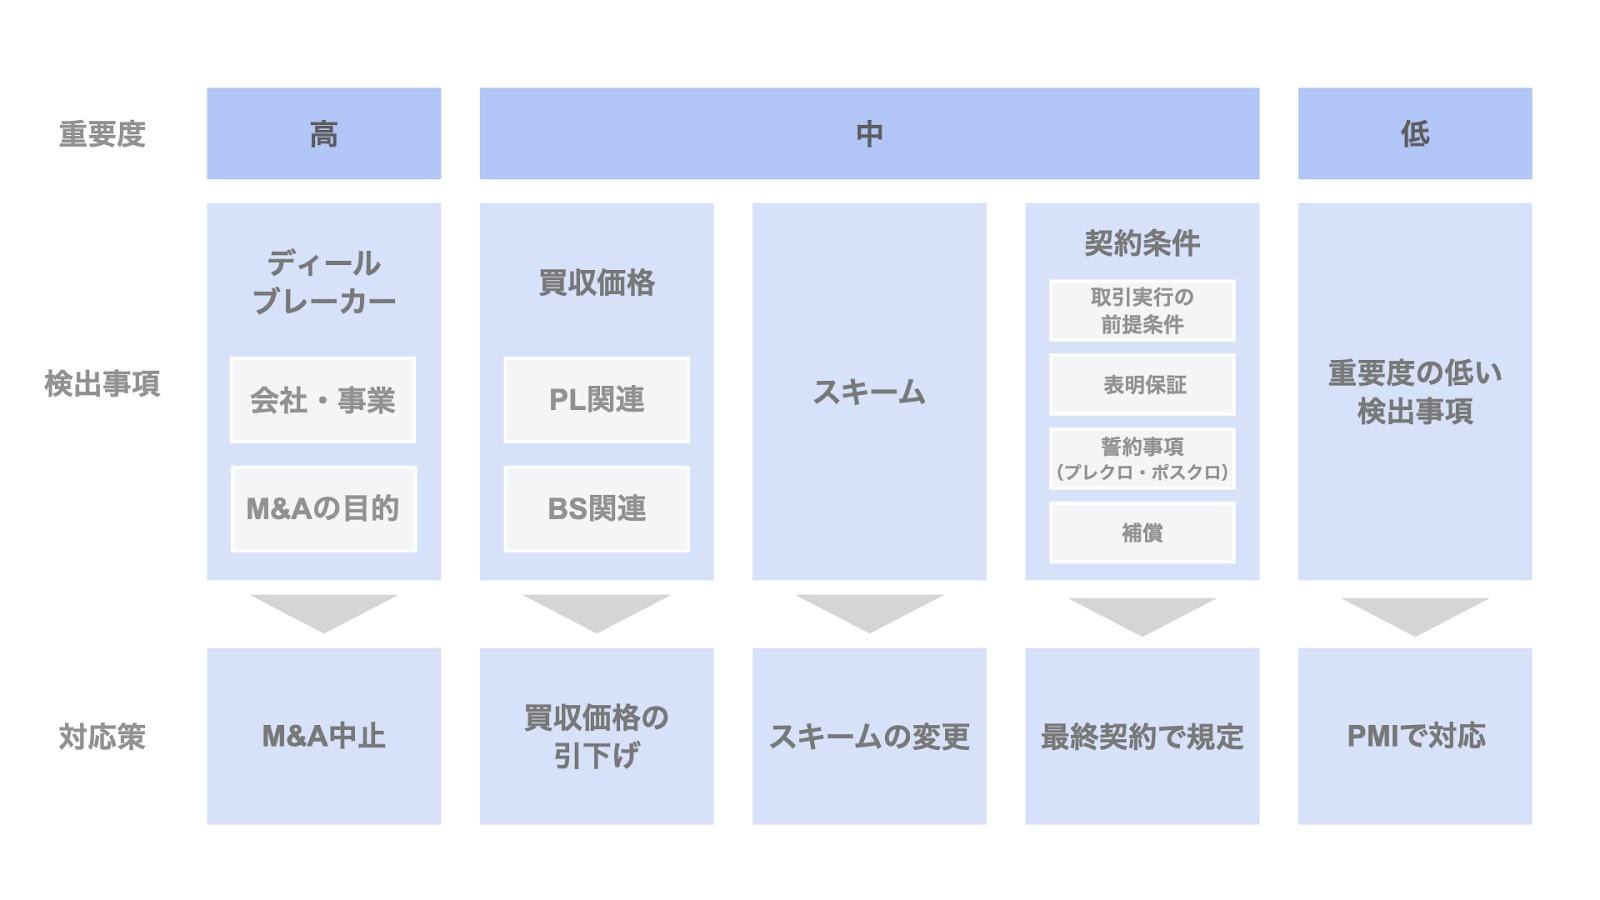 【重要度別】法務DDの検出事項と対応策